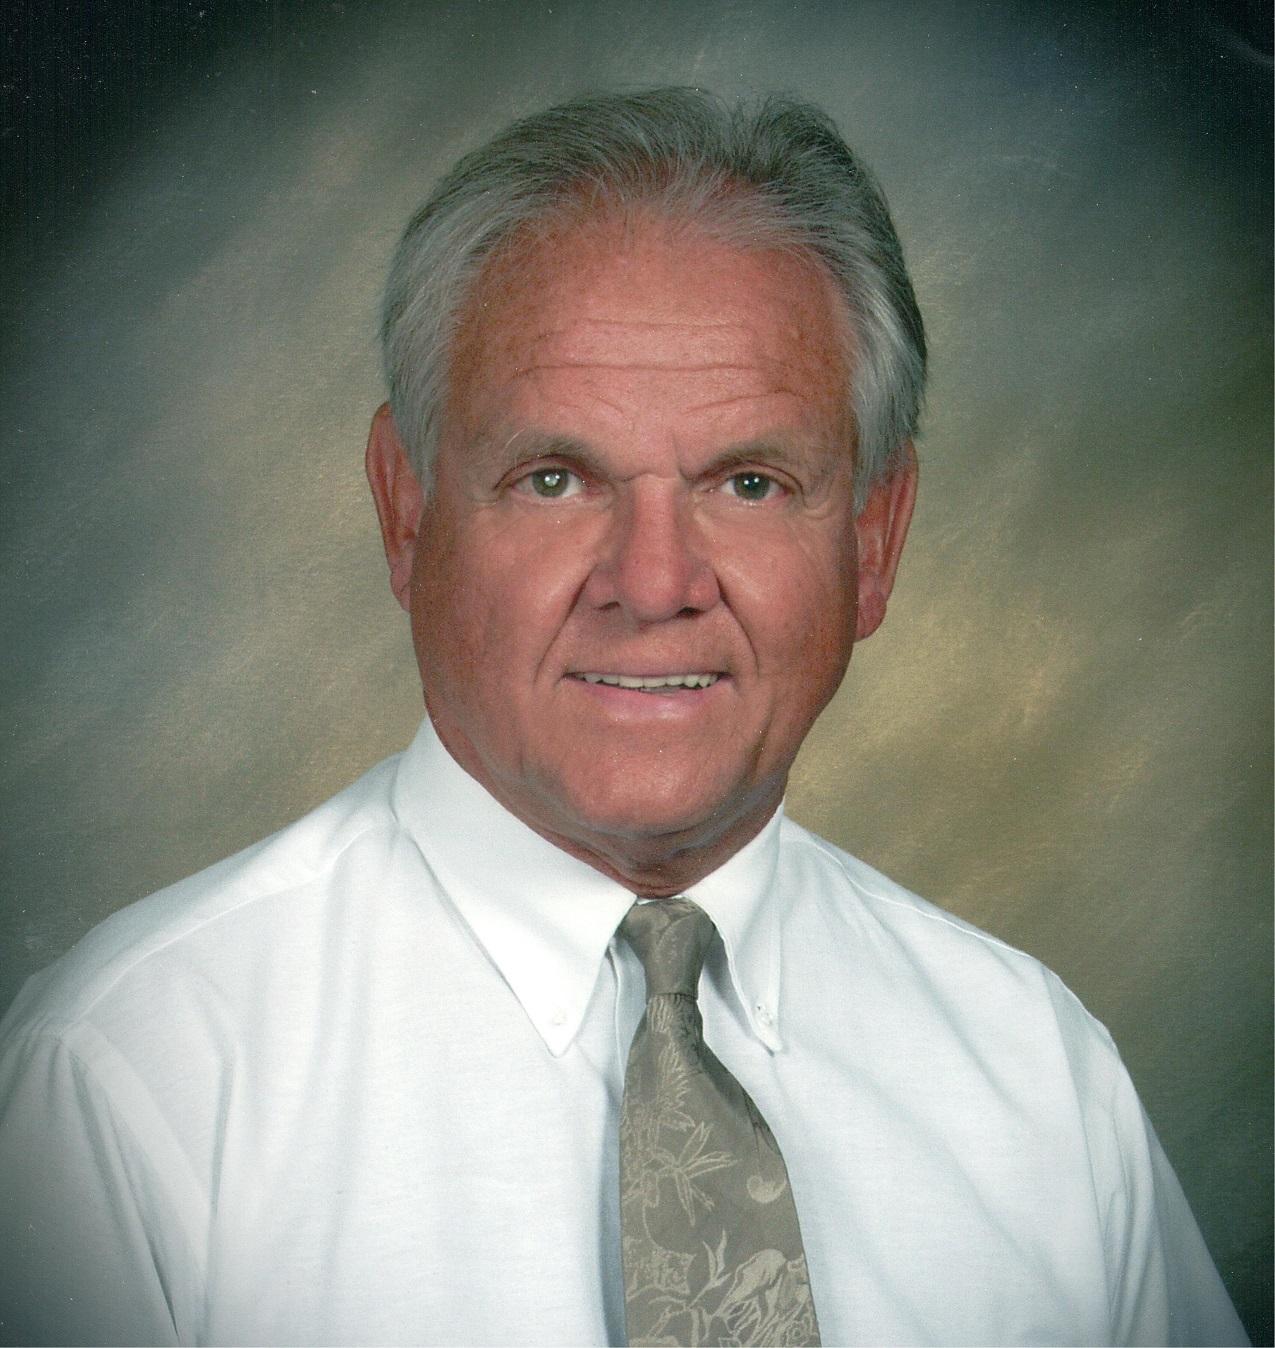 Thomas E. Leighty, age 78 of Jasper